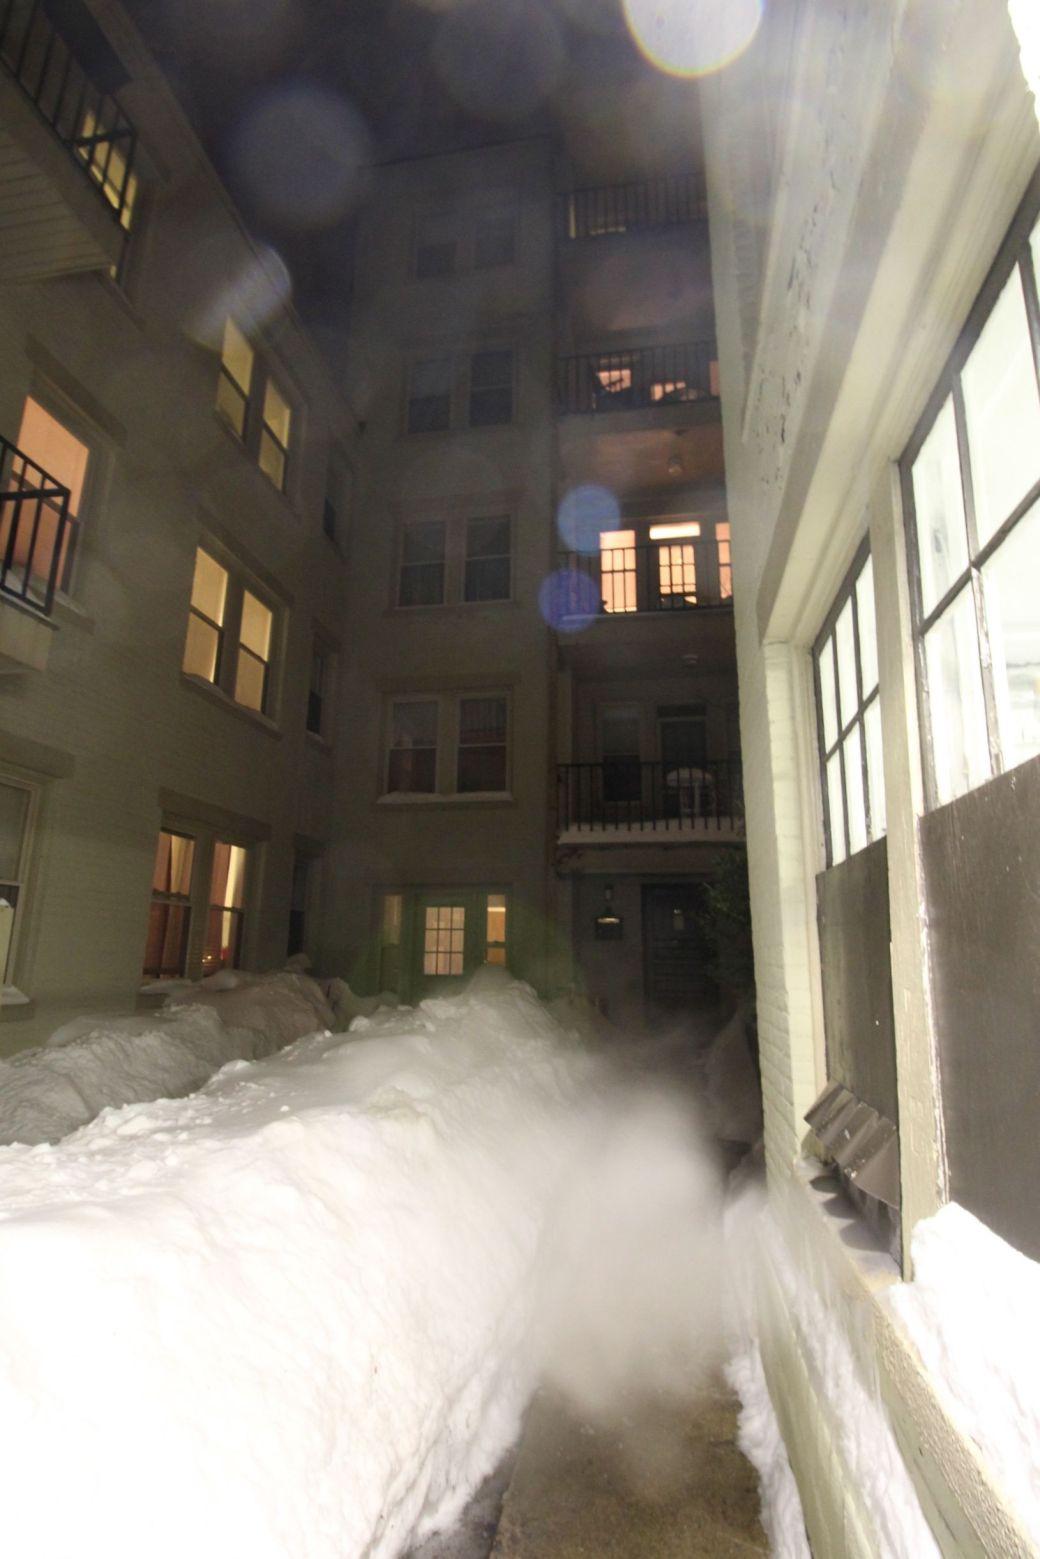 boston allston snow storm february 10 2015 8